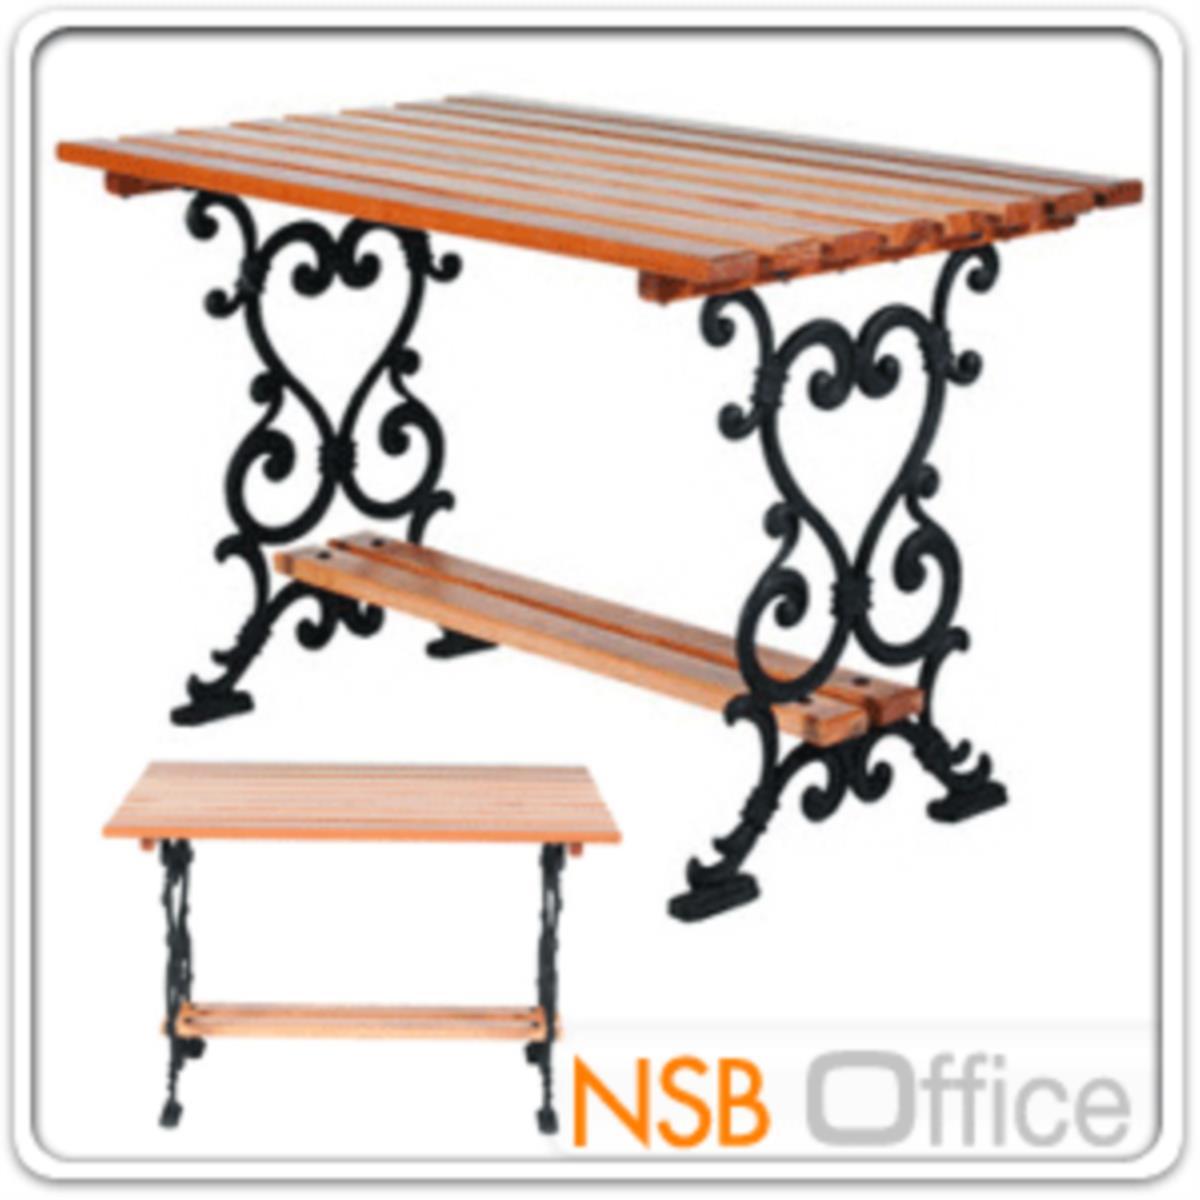 โต๊ะสนามไม้เต็ง เหล็กหล่อ กทม. BKK-TOO10 (100, 120, 150, 200 cm)